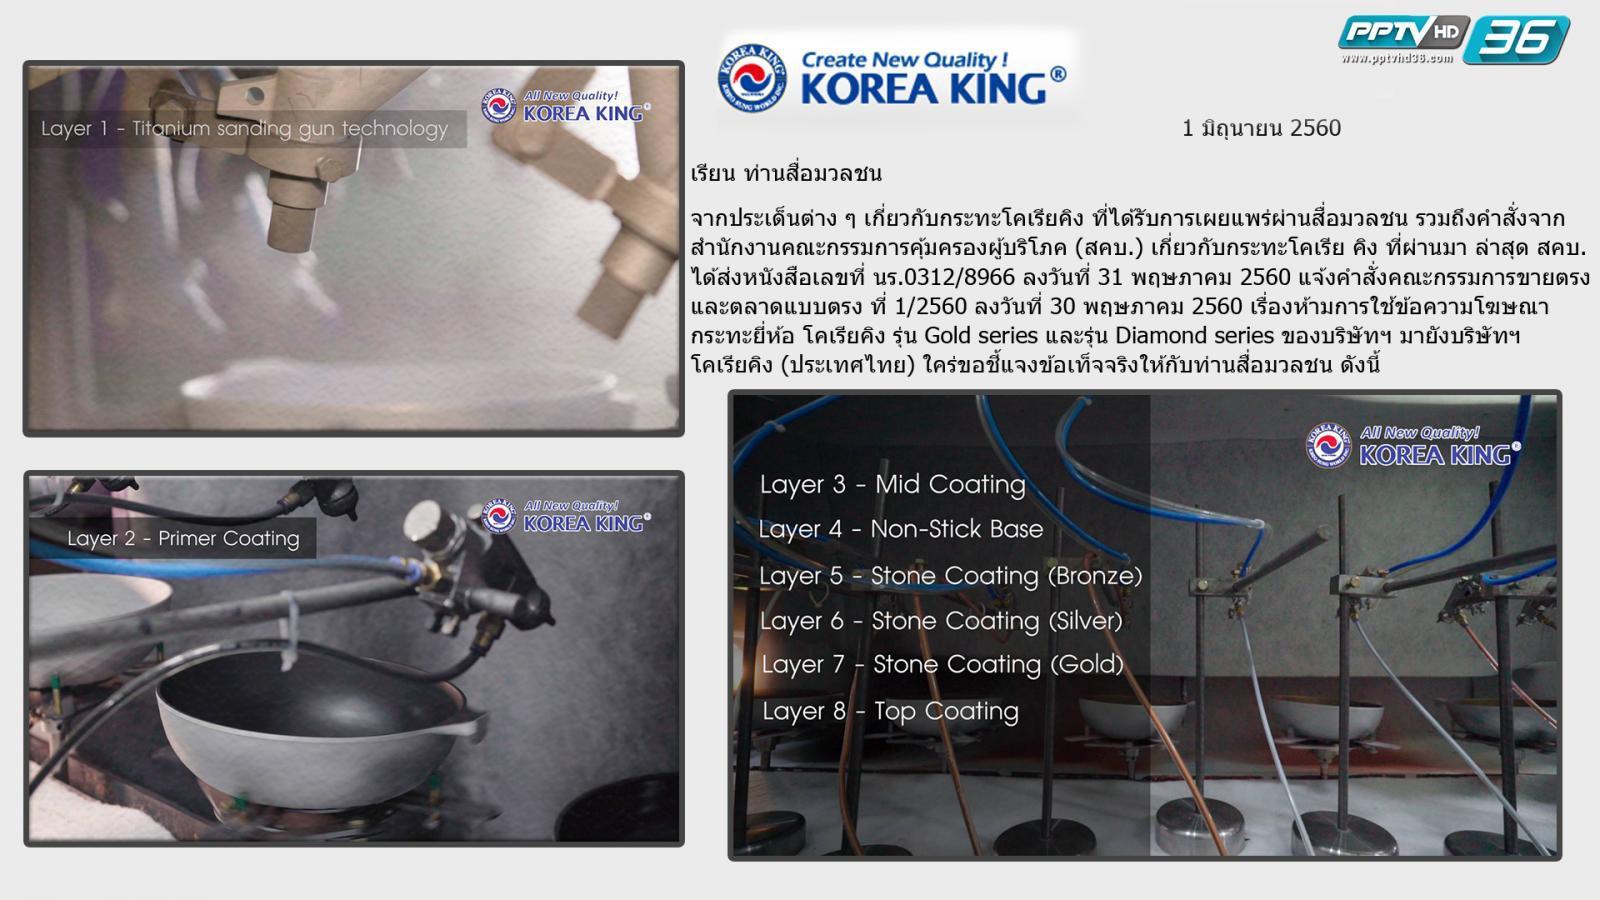 """คำชี้แจง """"Korea King"""" หลัง สคบ. สั่งห้ามขายตรง"""